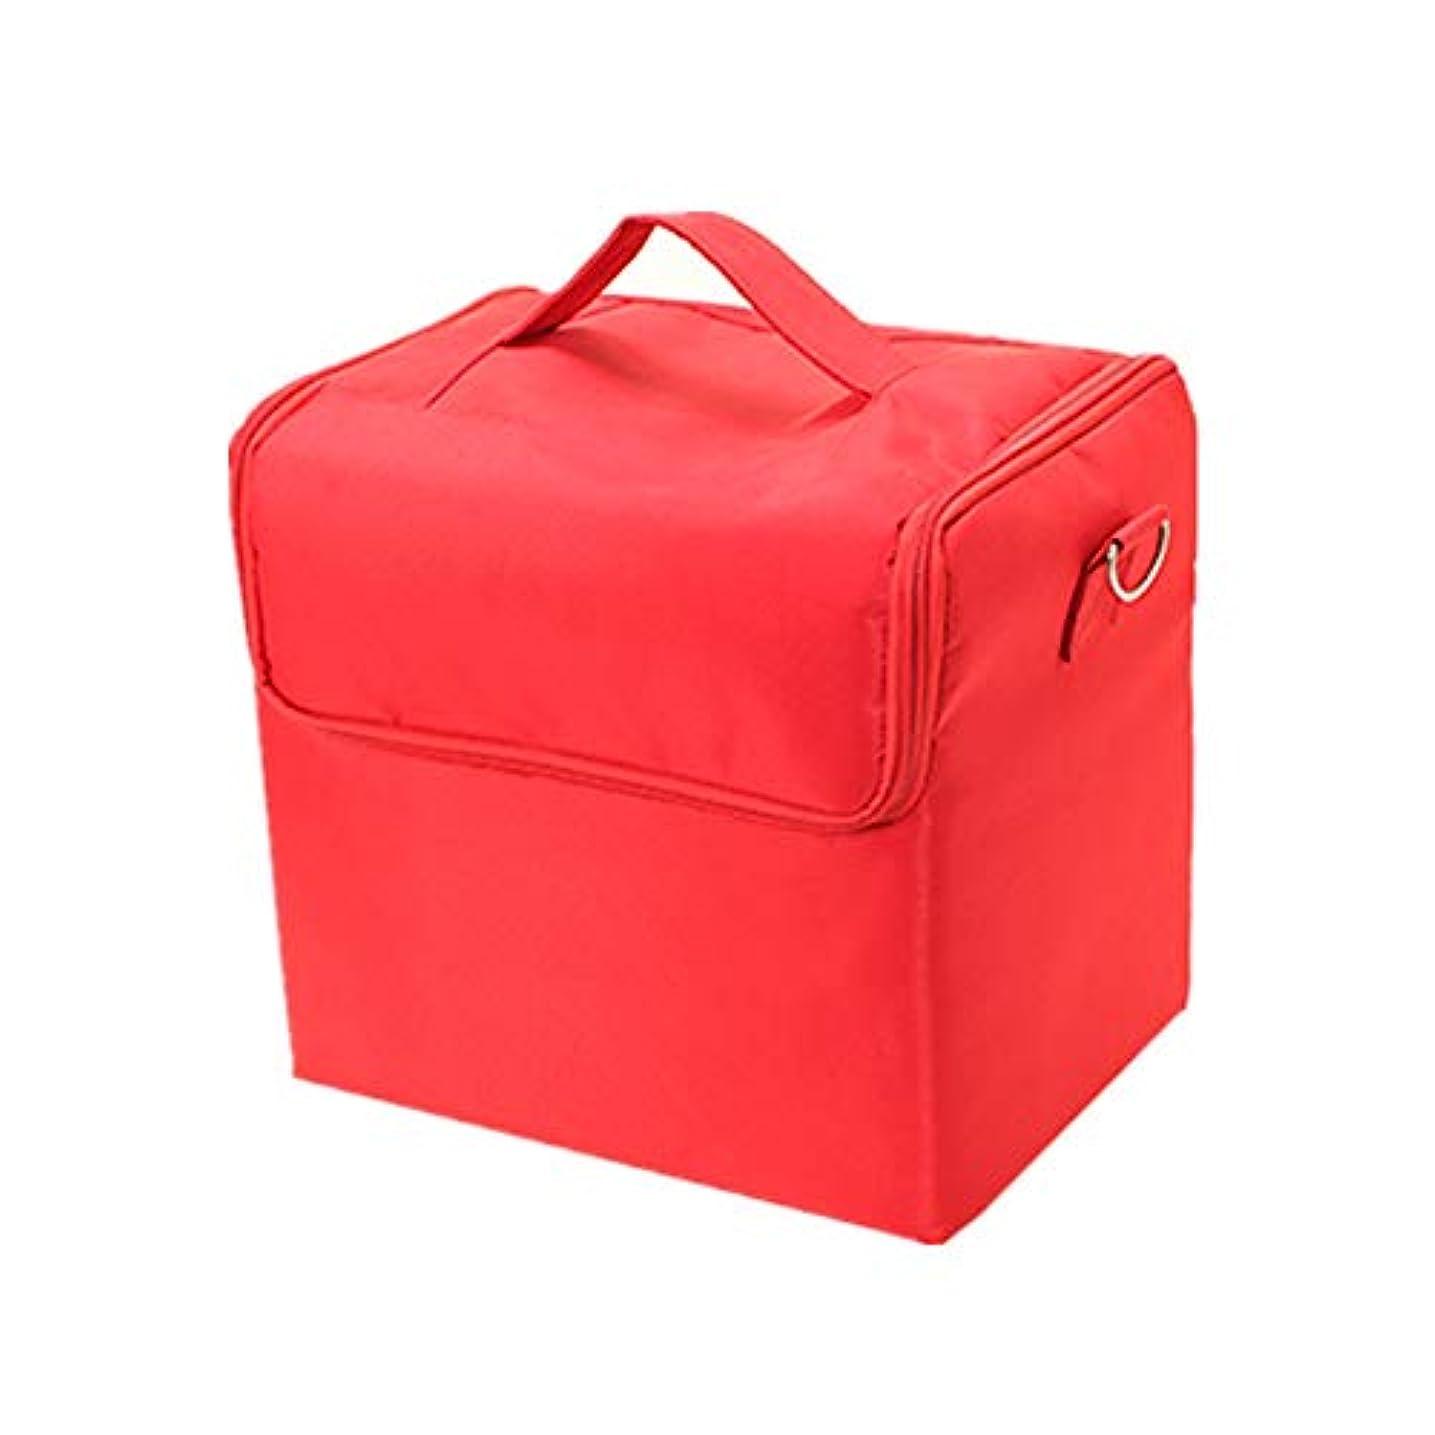 存在するもろい童謡化粧オーガナイザーバッグ 純粋な色のカジュアルポータ??ブル化粧品バッグ美容メイクアップとトラベルで旅行 化粧品ケース